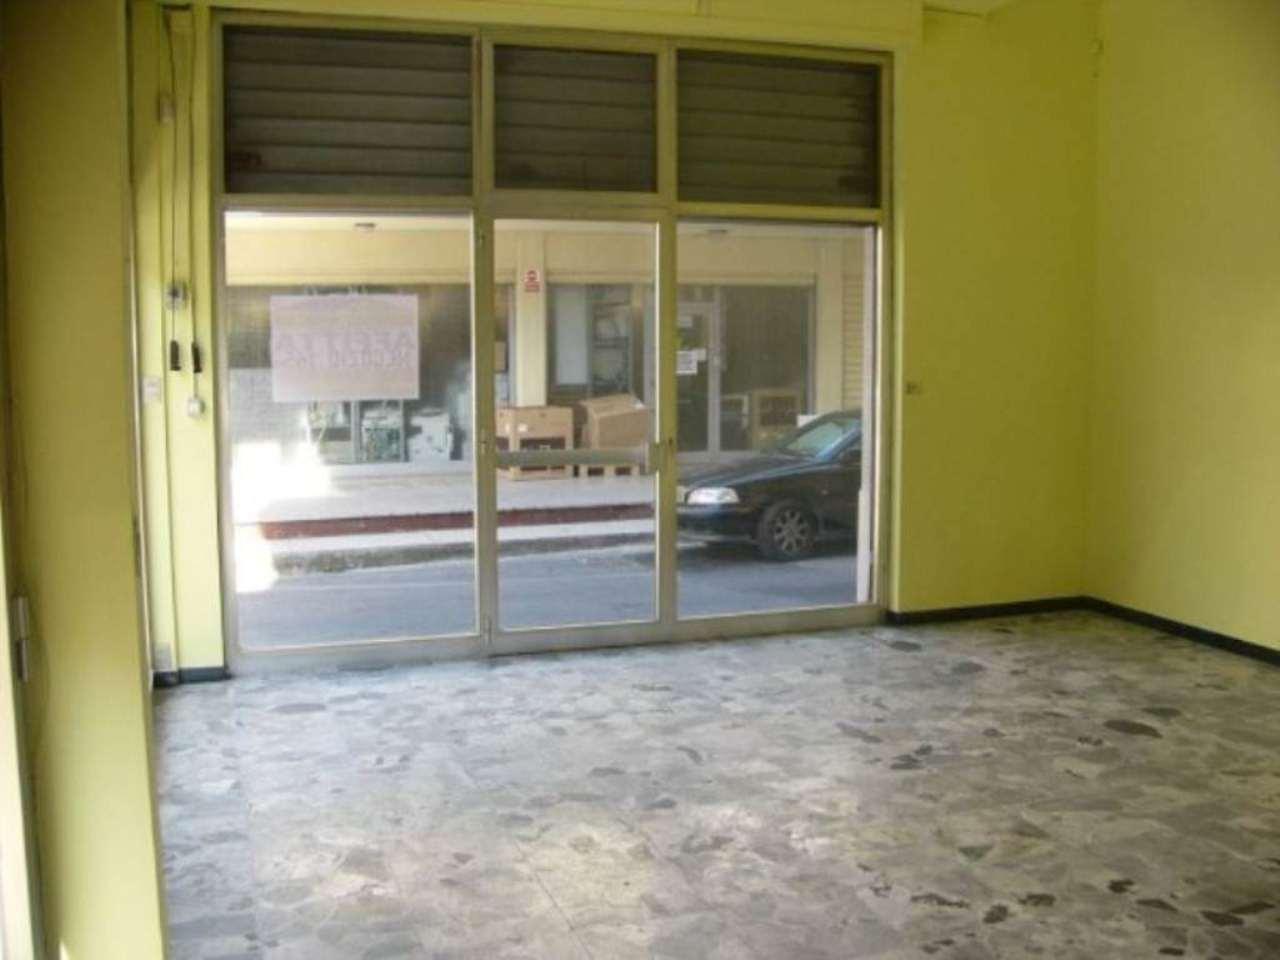 Negozio / Locale in vendita a Porto Sant'Elpidio, 5 locali, prezzo € 185.000 | Cambio Casa.it